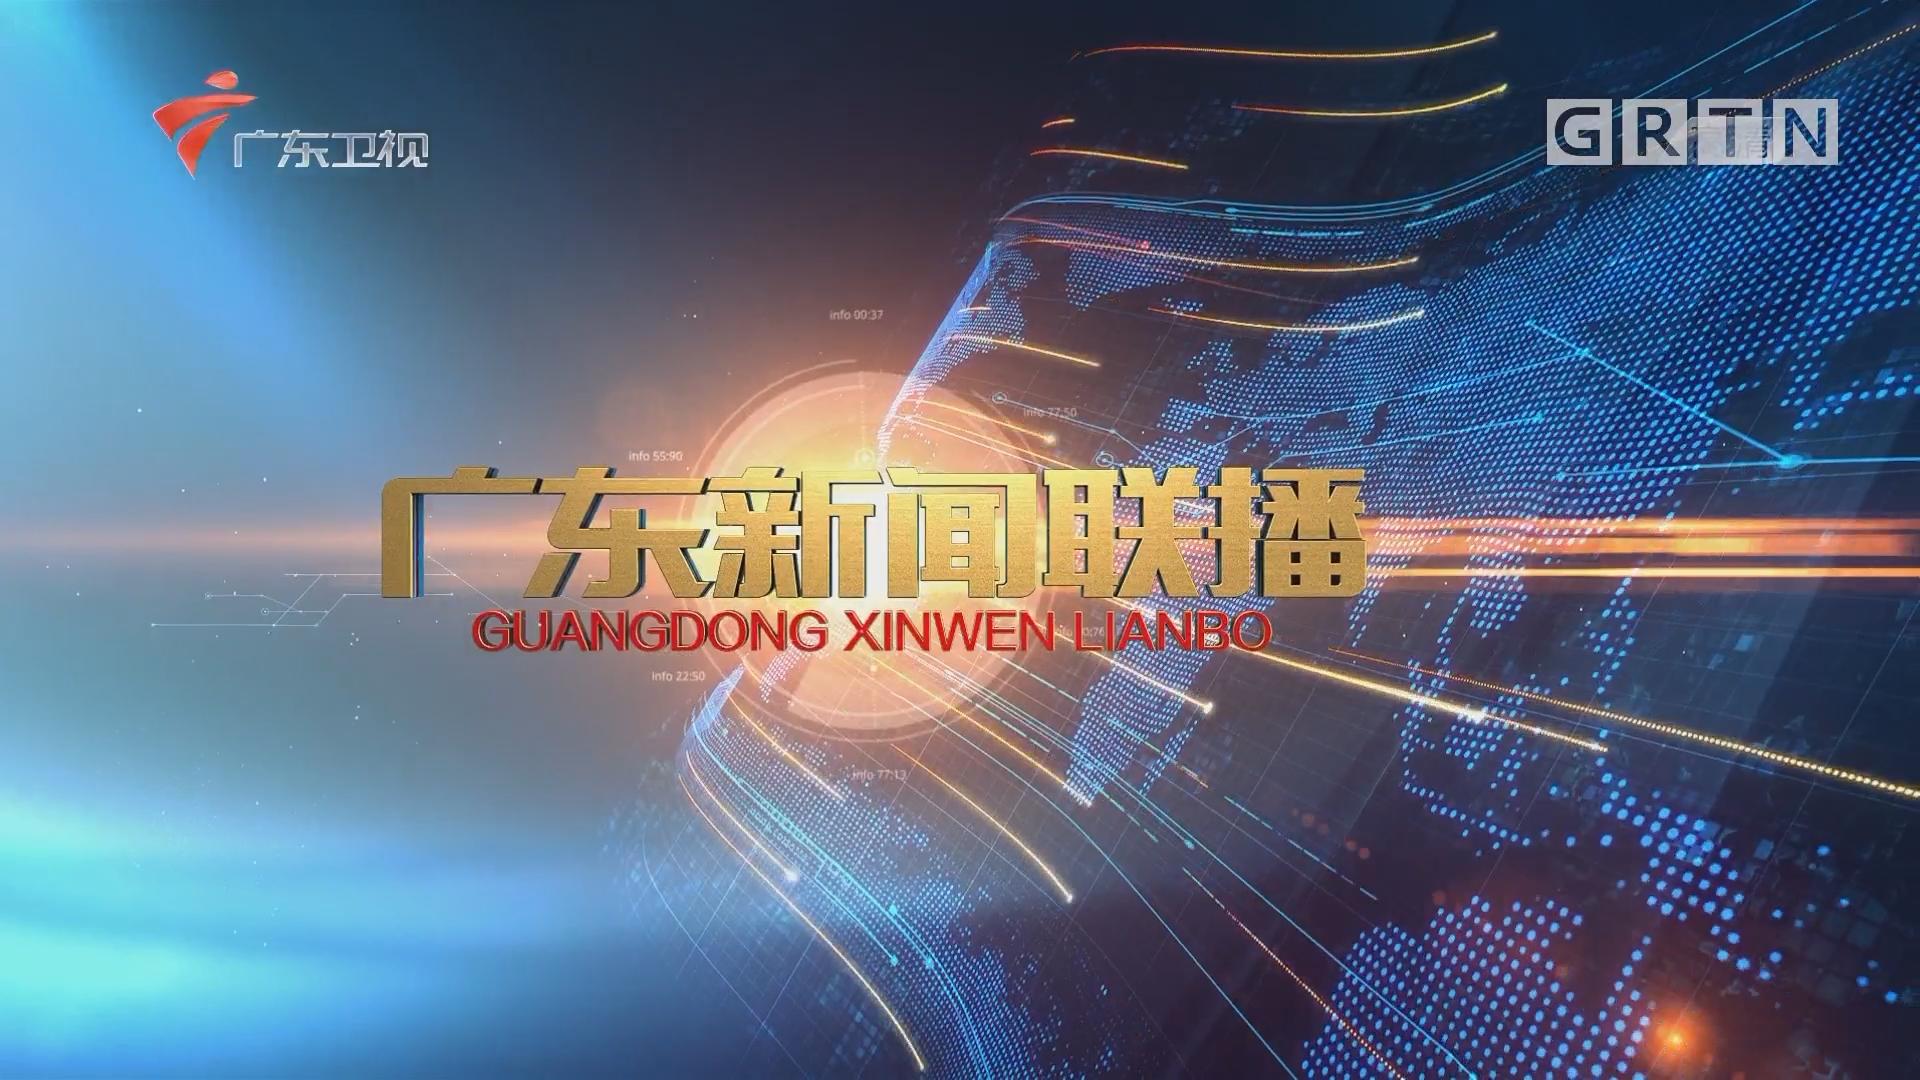 [HD][2018-06-14]广东新闻联播:省委理论学习中心组举行专题学习会 李希主持会议